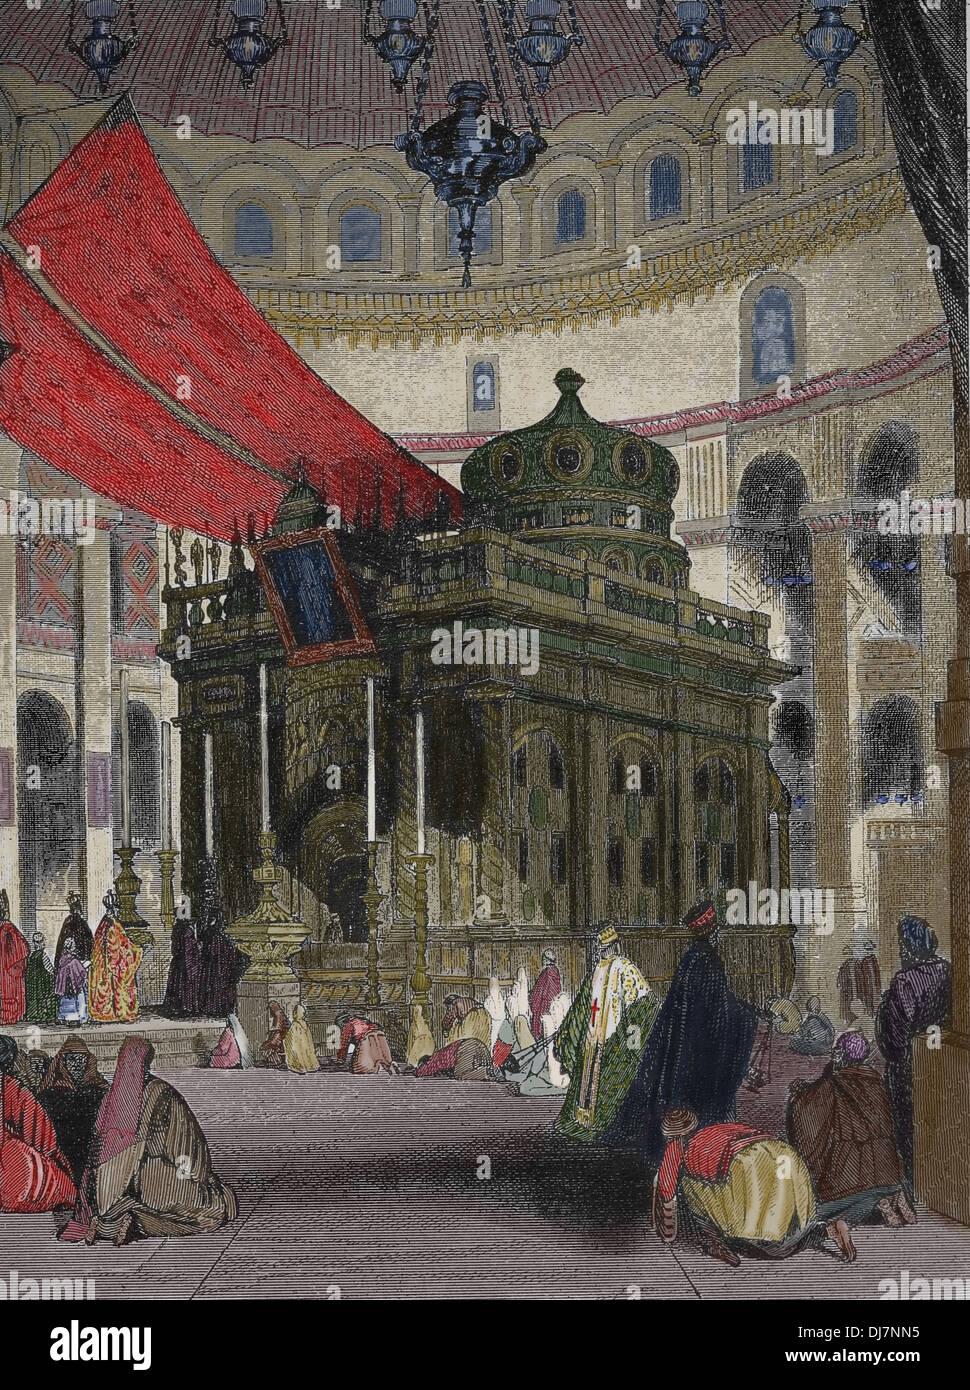 La iglesia del Santo Sepulcro en Jerusalén. La Santa Capilla. Grabado. (Más tarde coloración) Imagen De Stock